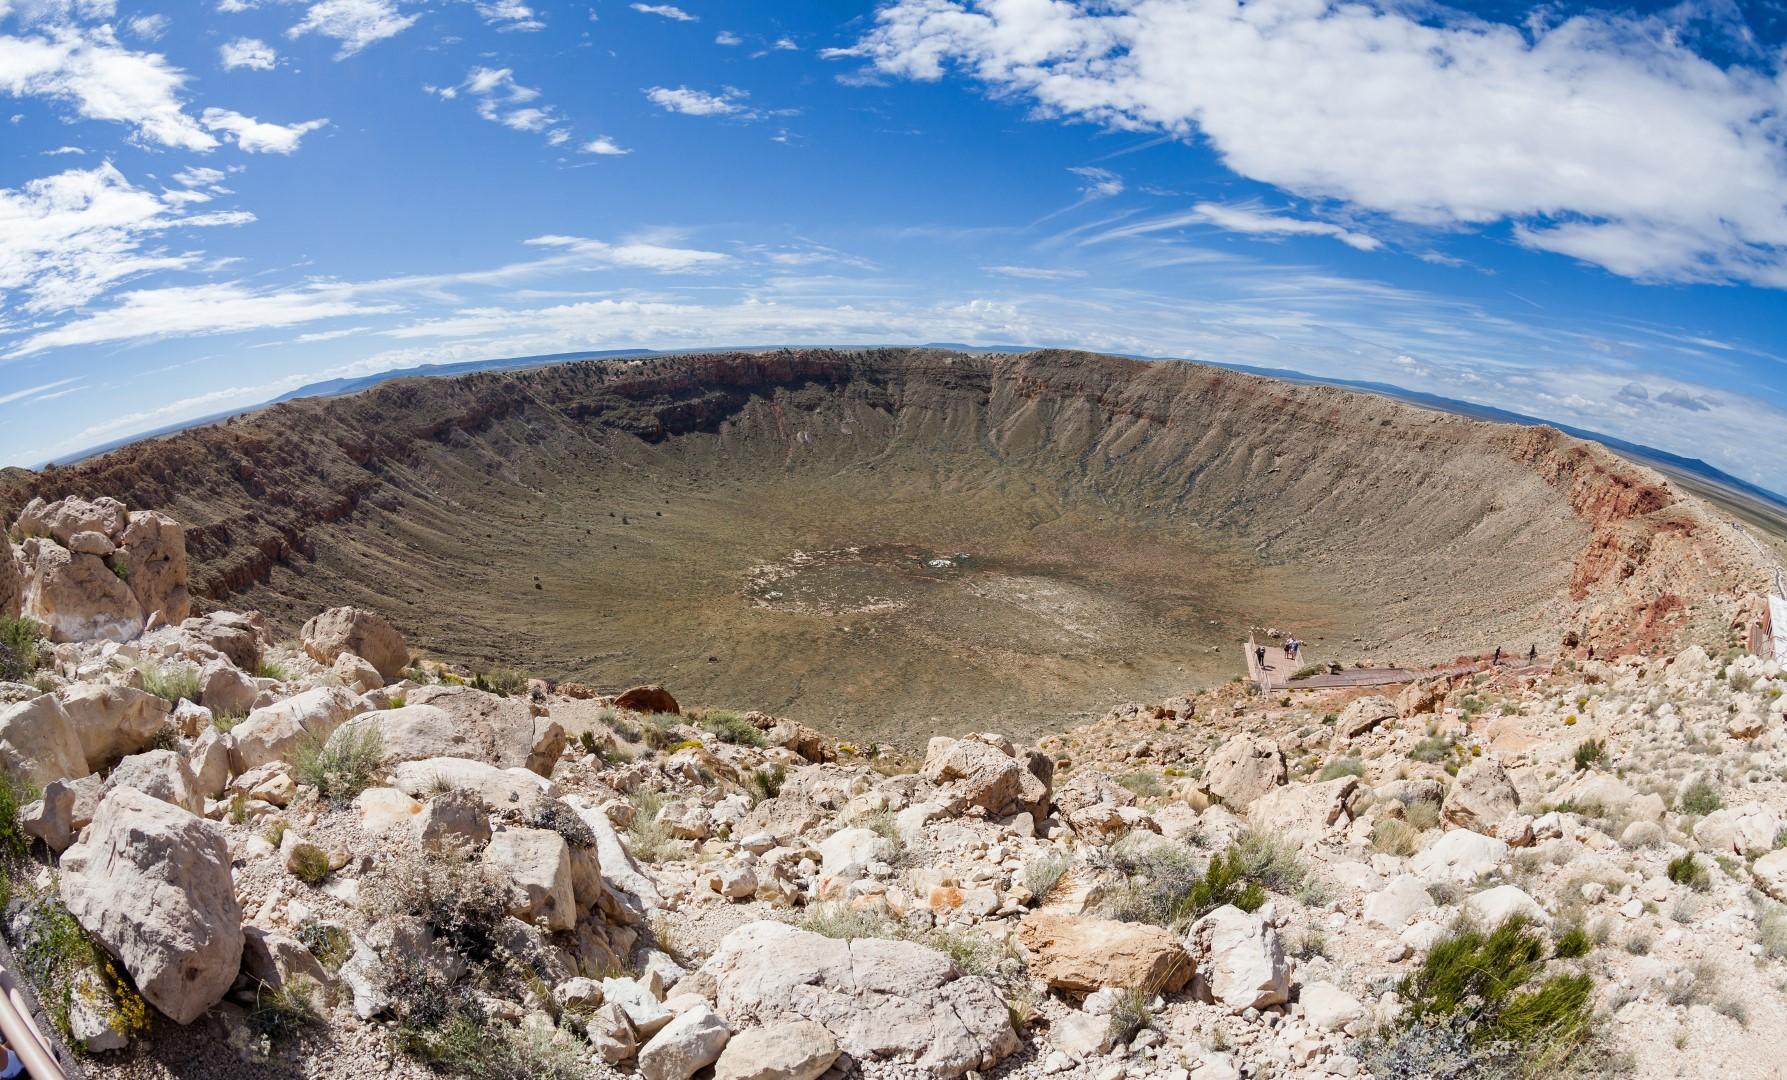 10 descoperiri ciudate făcute cu ajutorul Google Earth, Craterul Meteor